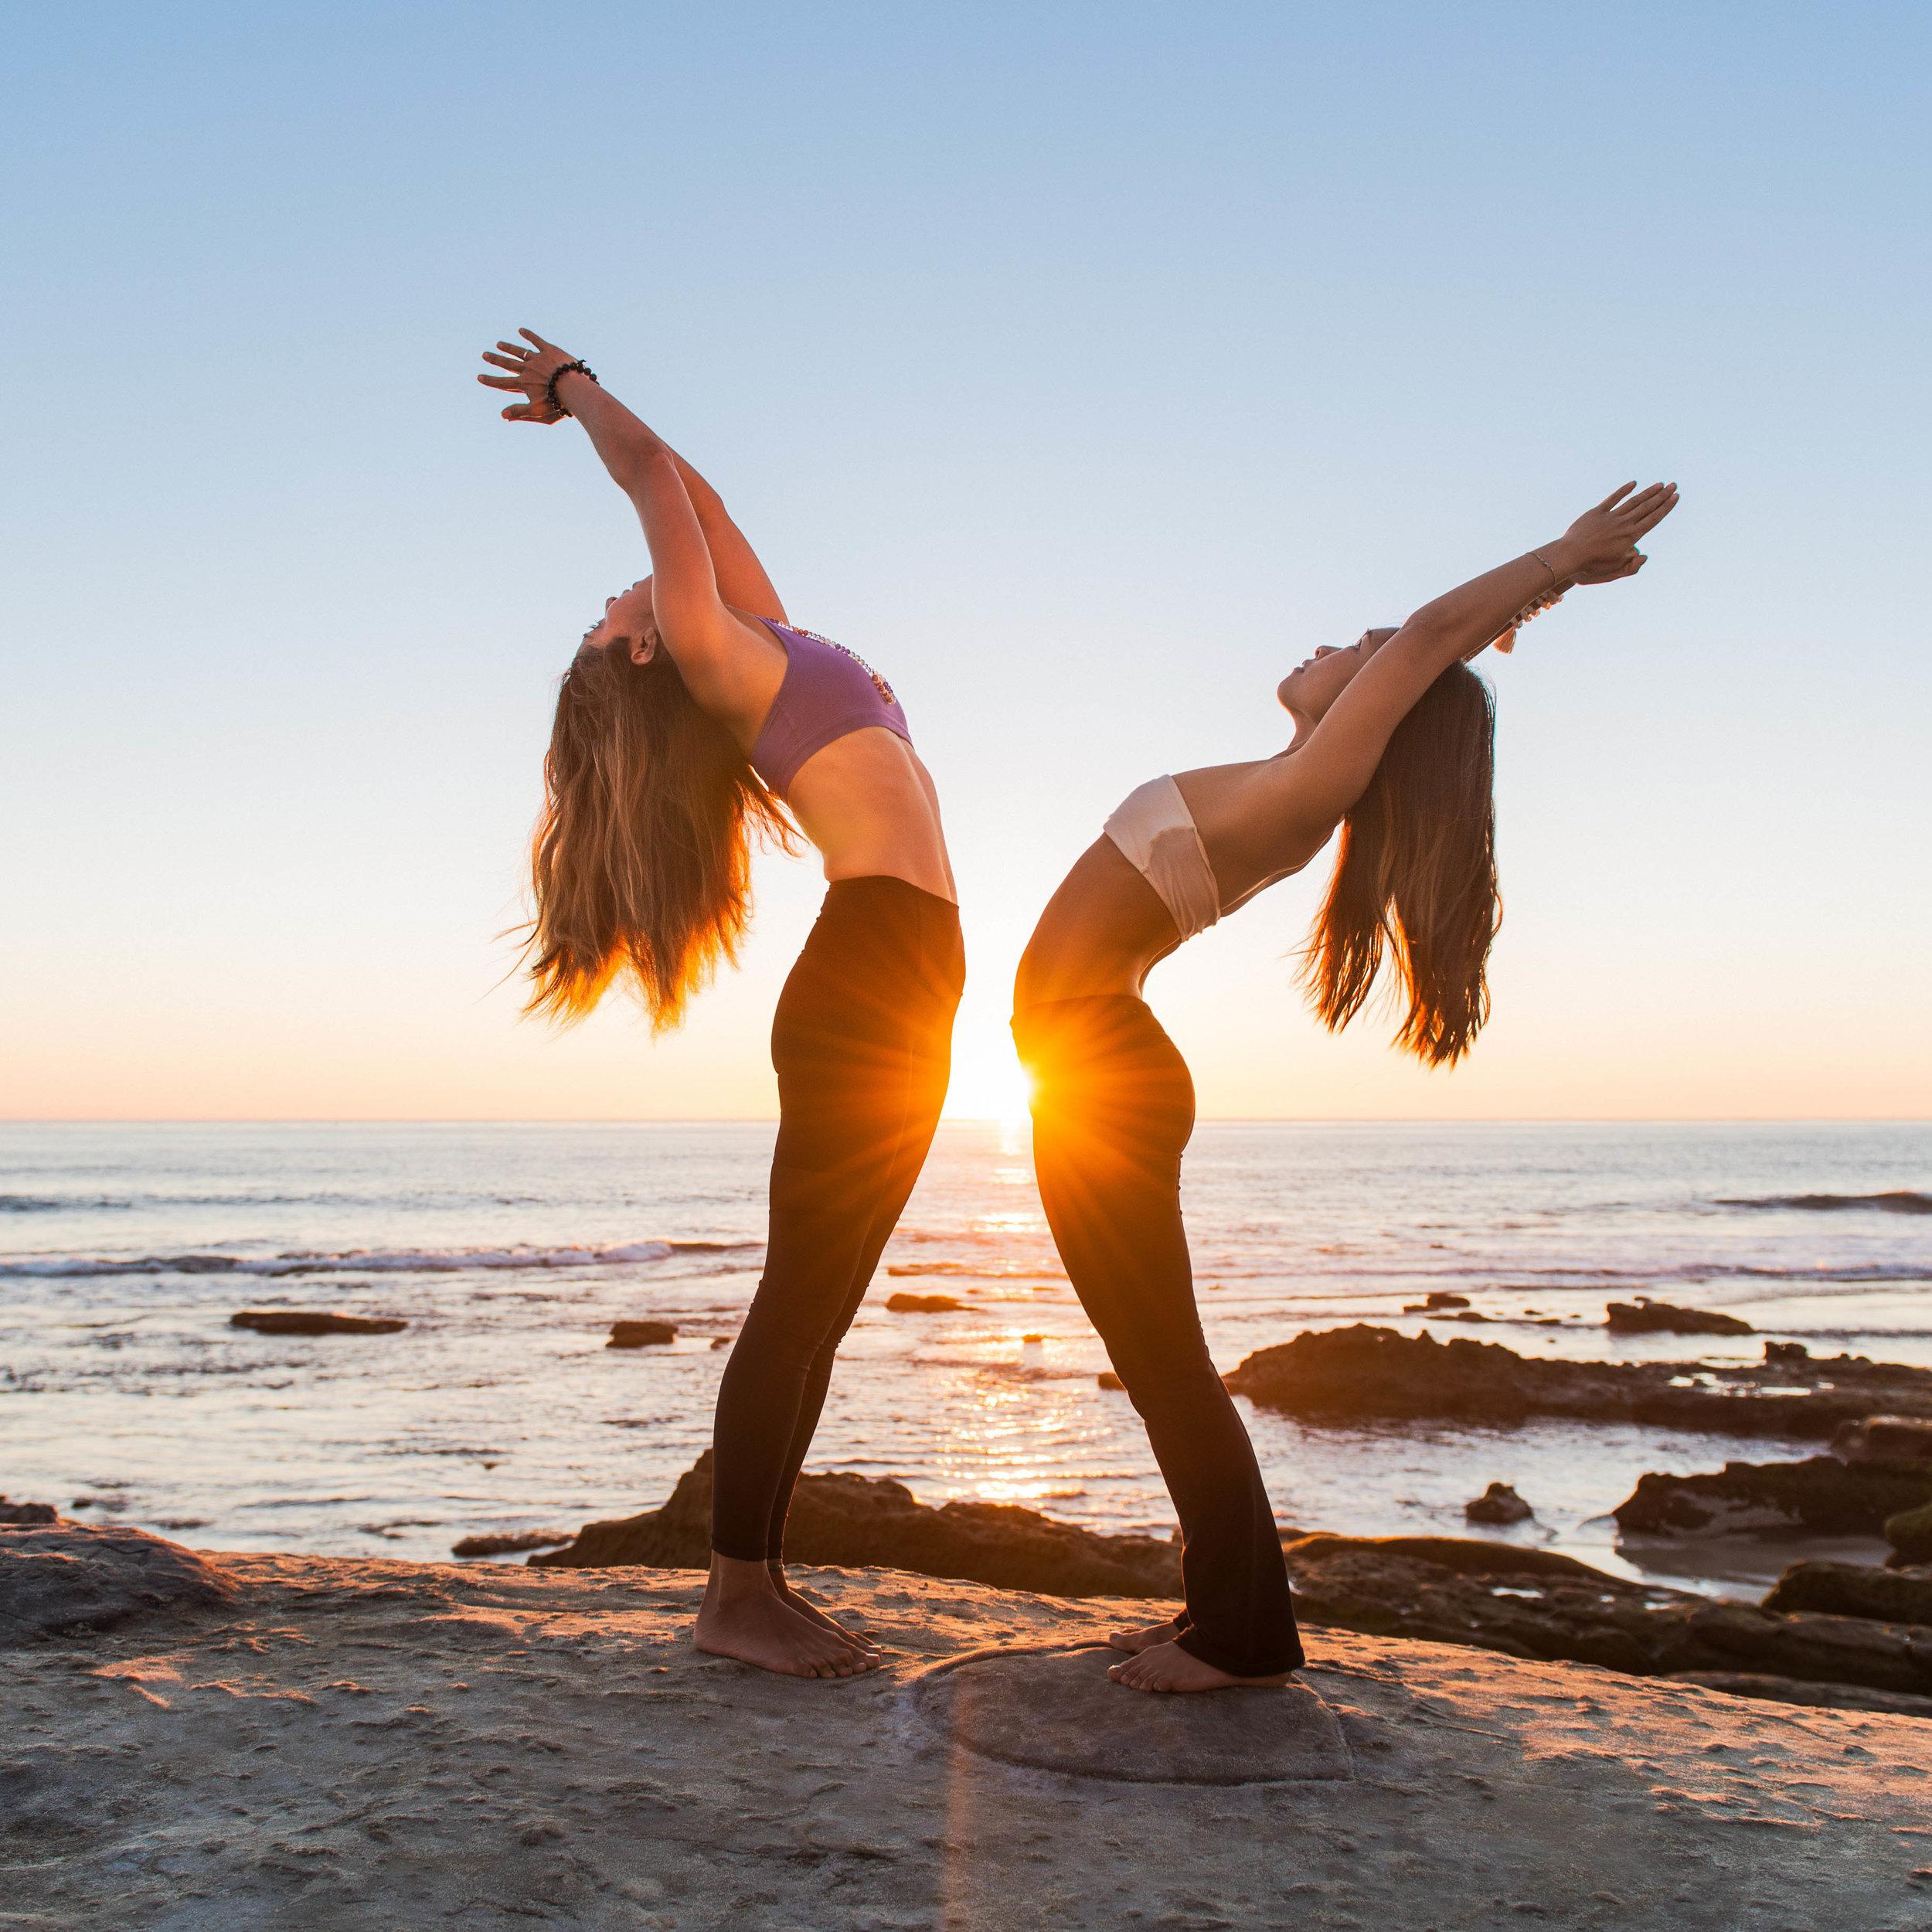 two-women-yoga-retreat-beach.jpg